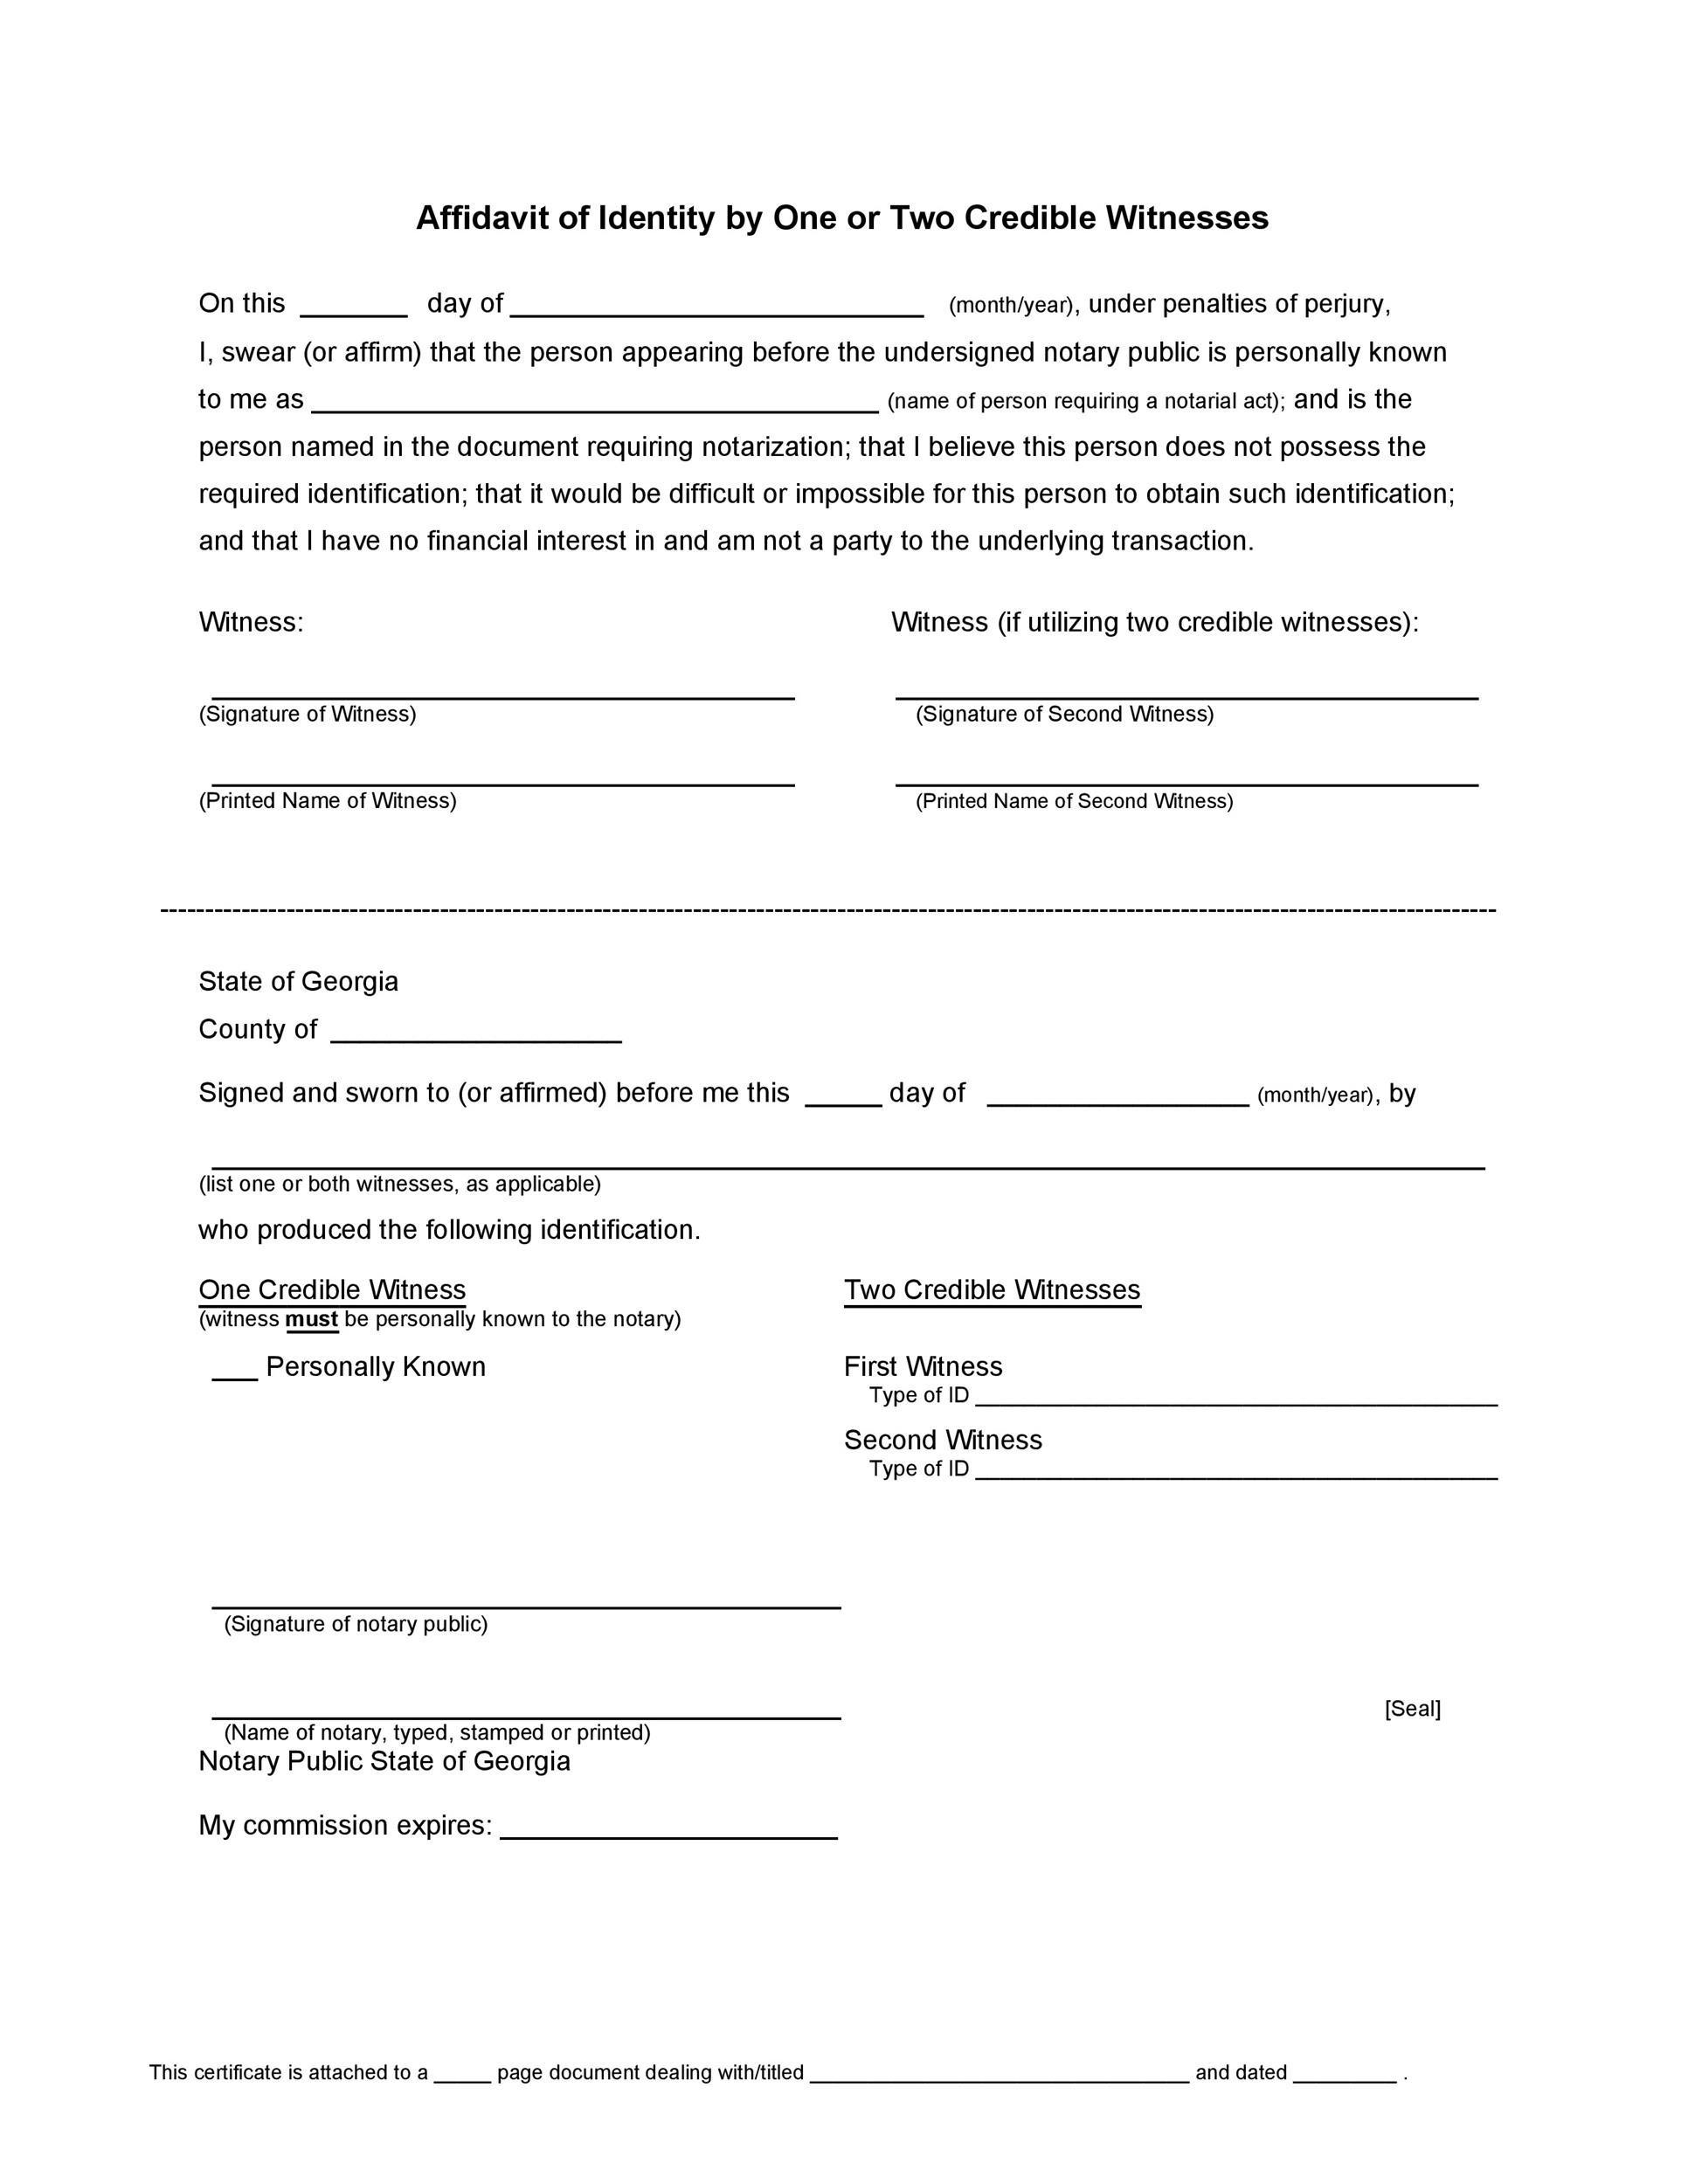 Free affidavit of identity 12